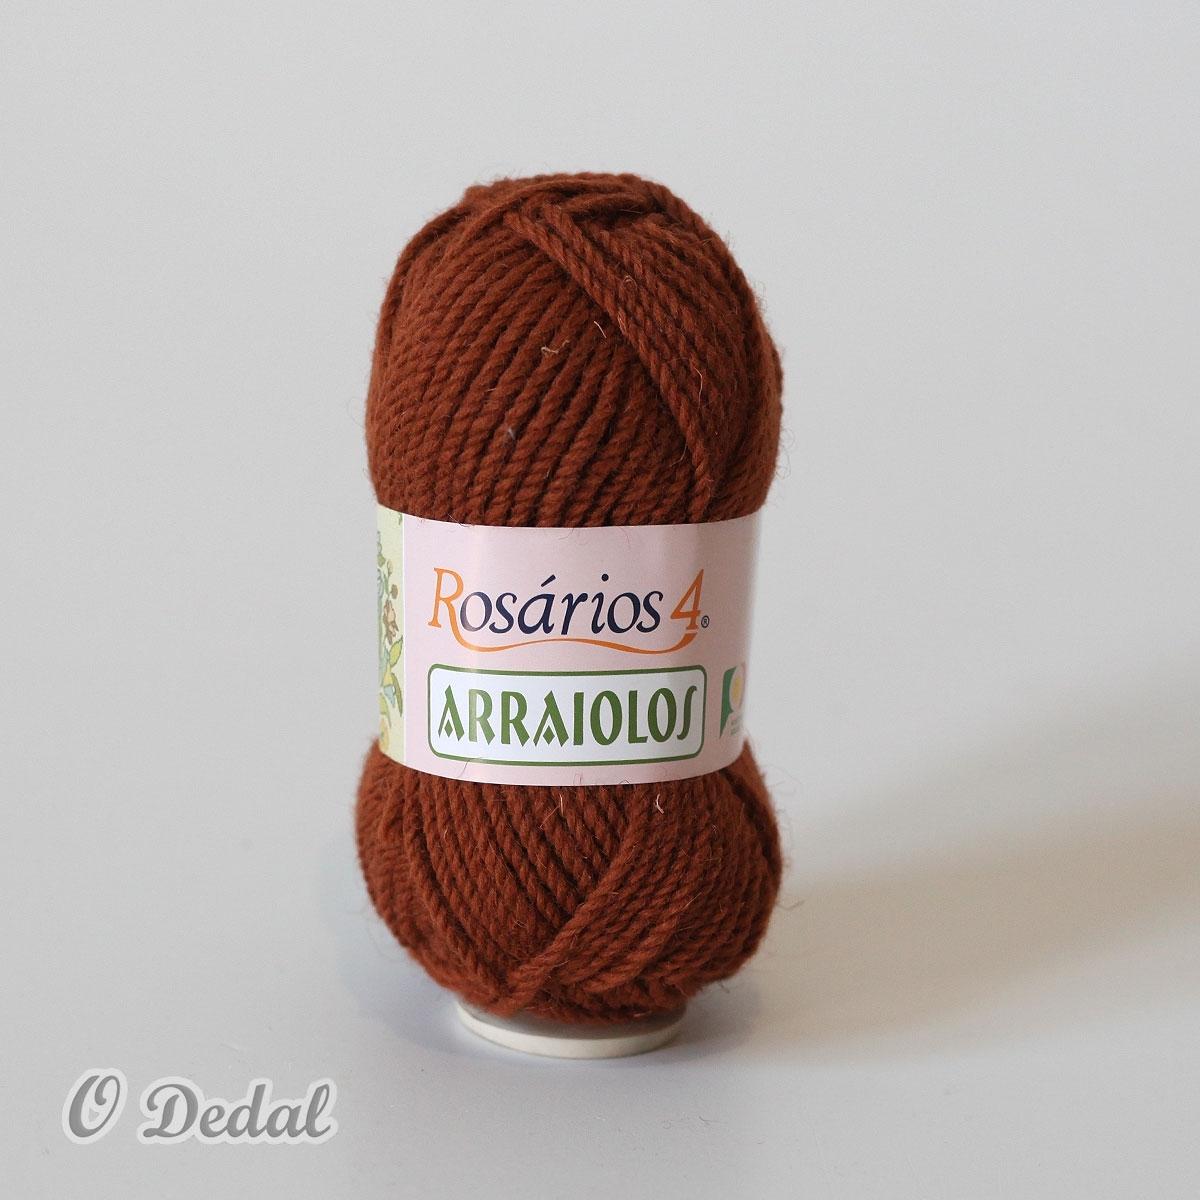 Lã Rosários 4 - 445